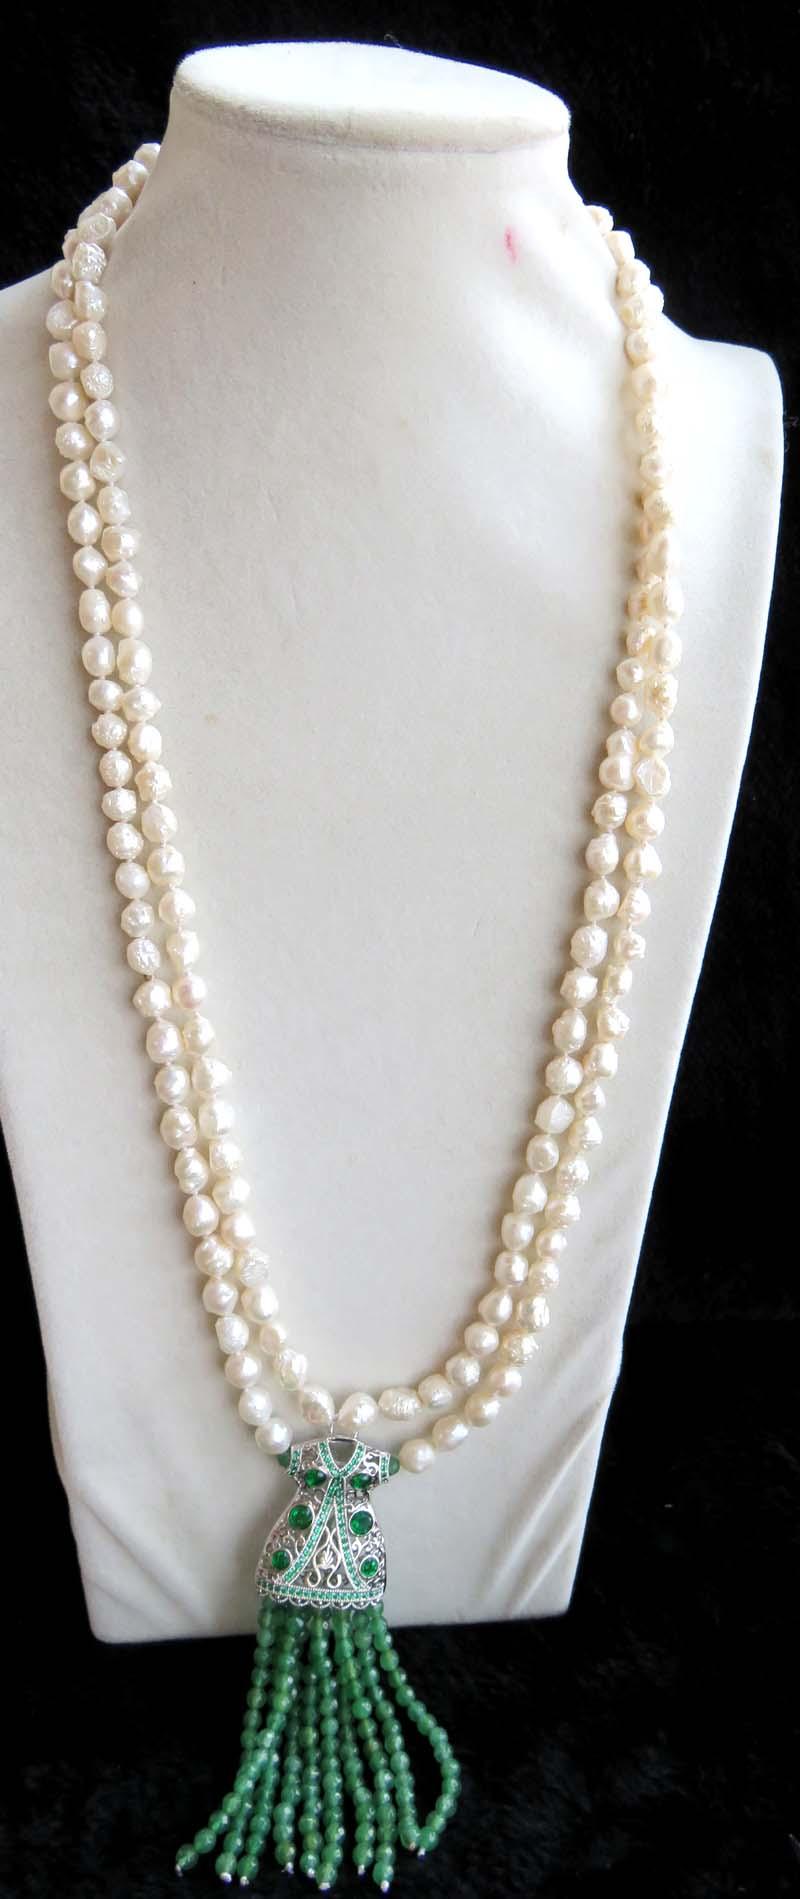 3 righe dacqua dolce bianco perla barocca & beads natura verde giada collana 40 inch FPPJ allingrosso3 righe dacqua dolce bianco perla barocca & beads natura verde giada collana 40 inch FPPJ allingrosso